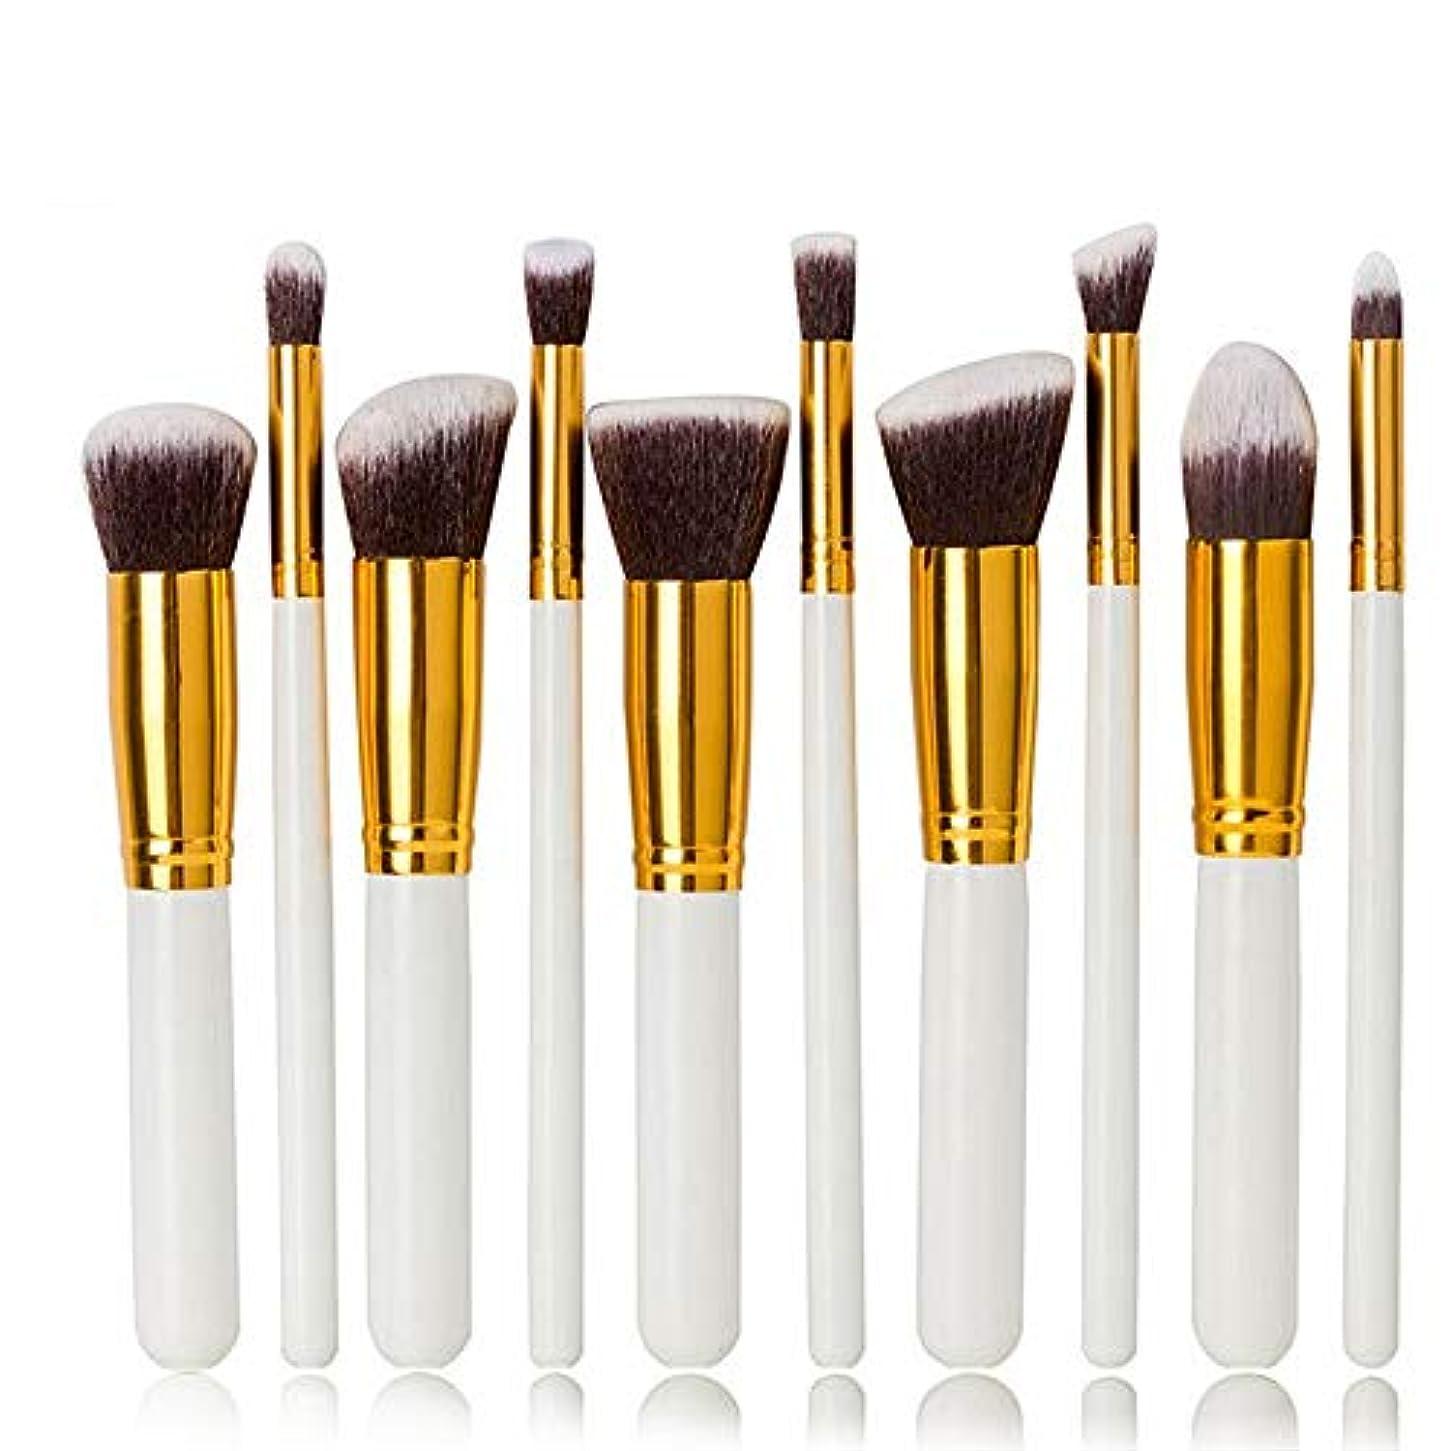 衝突コース南極結紮Makeup brushes 10ピースホワイトメイクブラシセット革新的なリベラルパウダーブラシアイシャドウブラシコンターブラシ suits (Color : White)